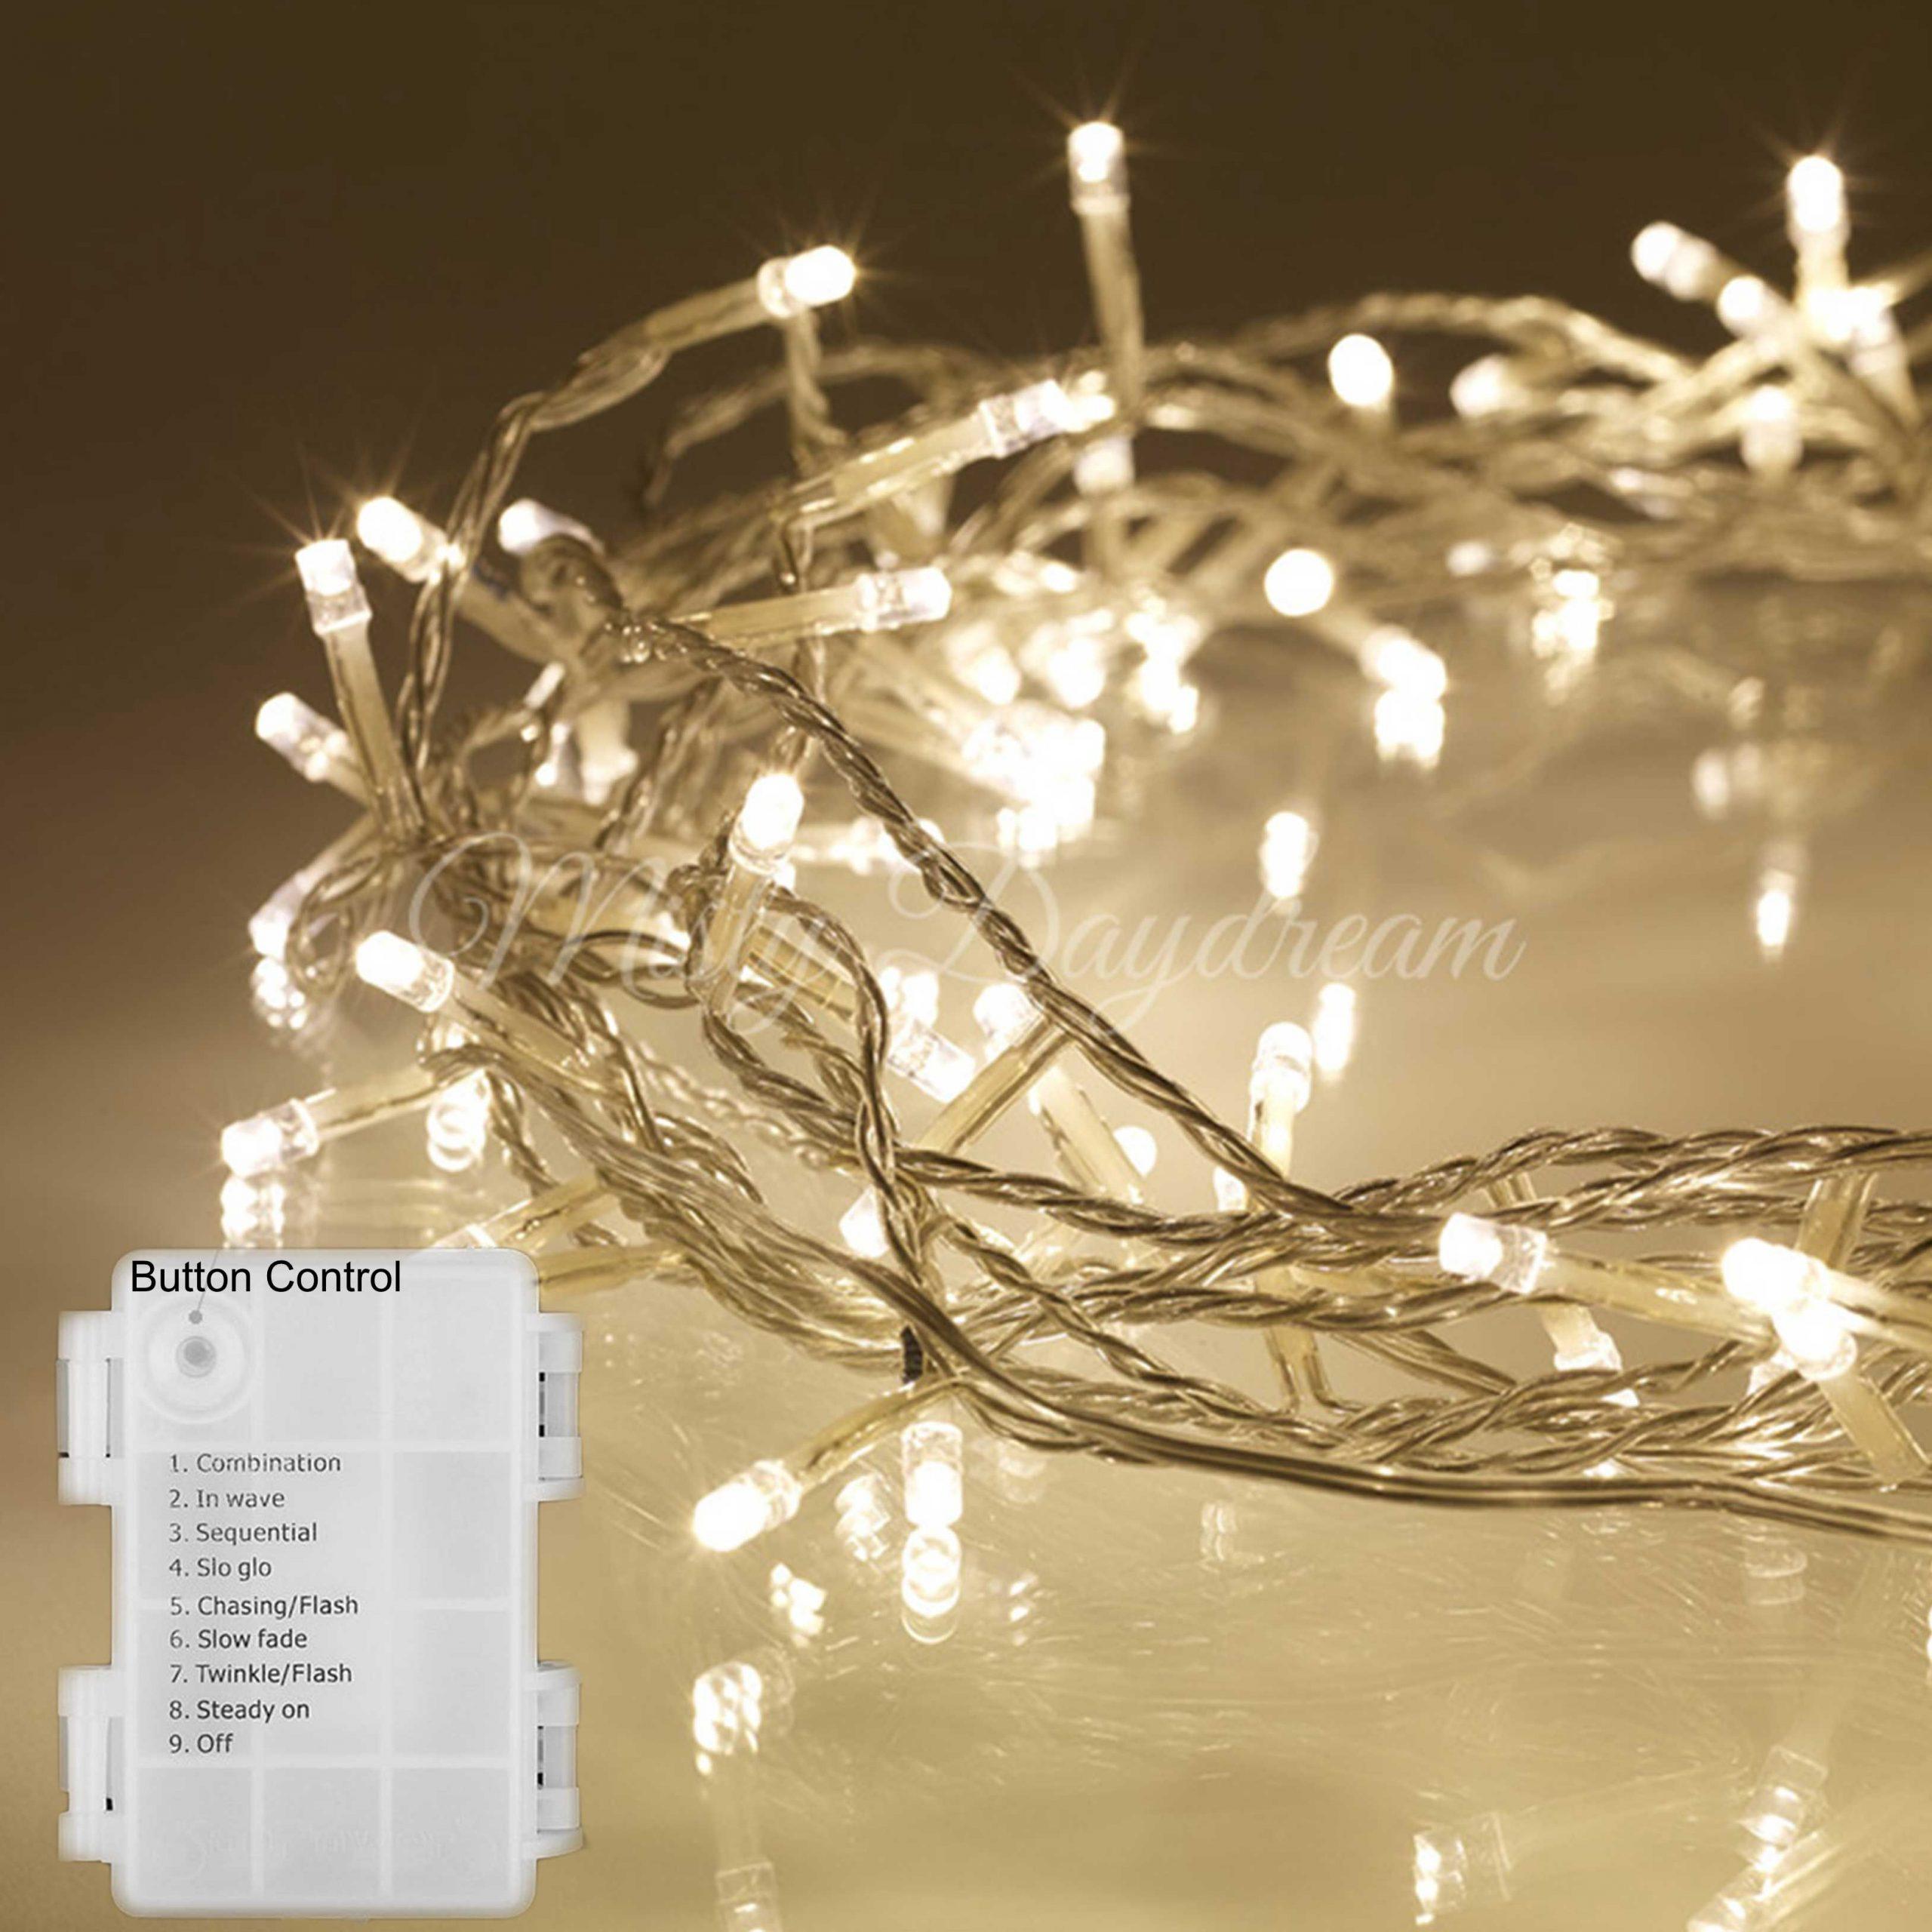 Full Size of Weihnachtsbeleuchtung Fenster Innen Led Mit Kabel Fensterbank Ohne Batteriebetrieben Amazon Batterie Pyramide Bunt Stern Befestigen Figuren Silhouette Kabellos Fenster Weihnachtsbeleuchtung Fenster